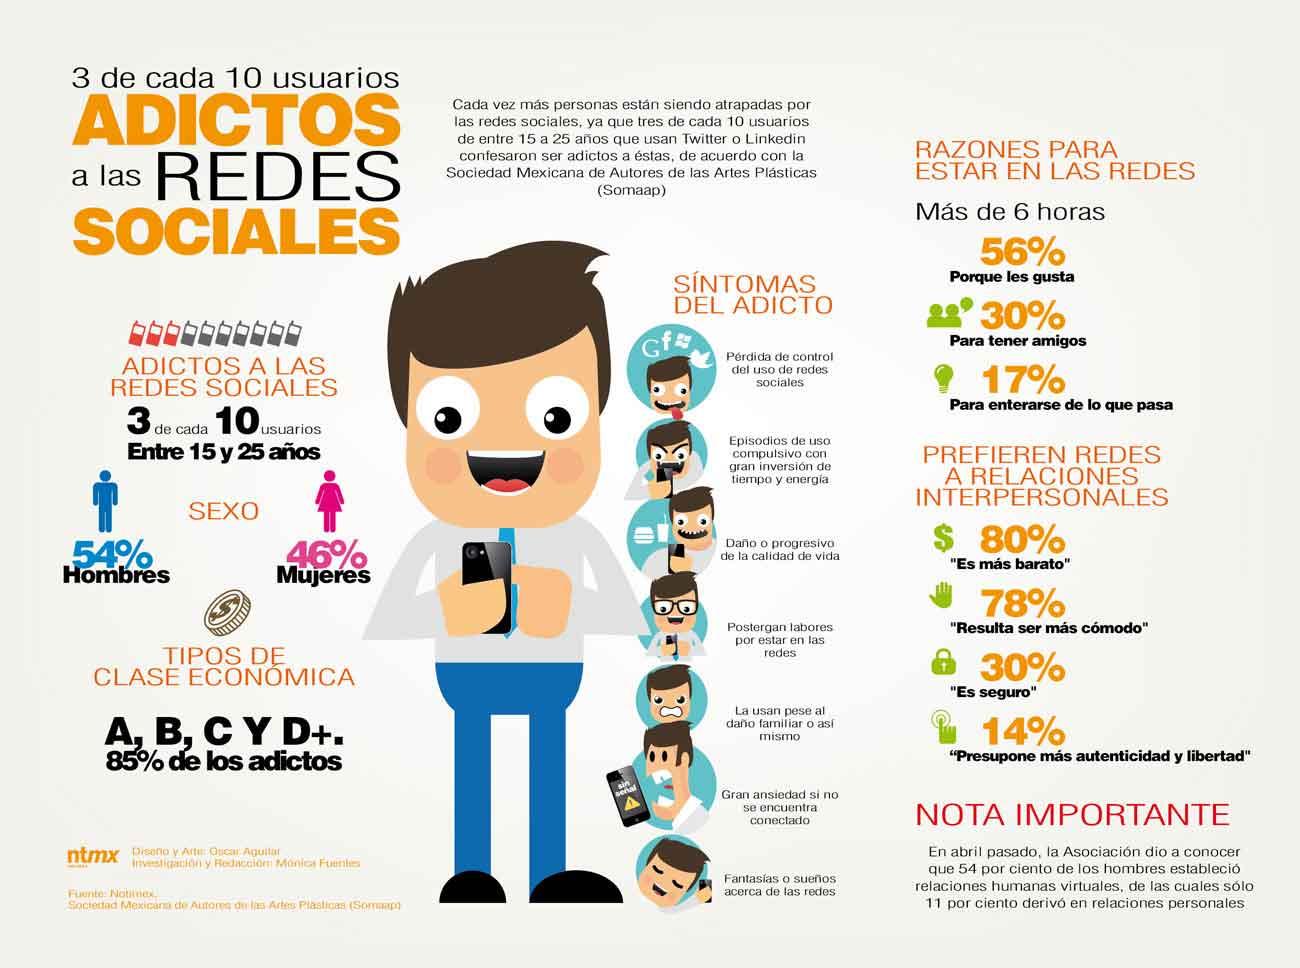 Síntomas del adicto a las redes sociales.